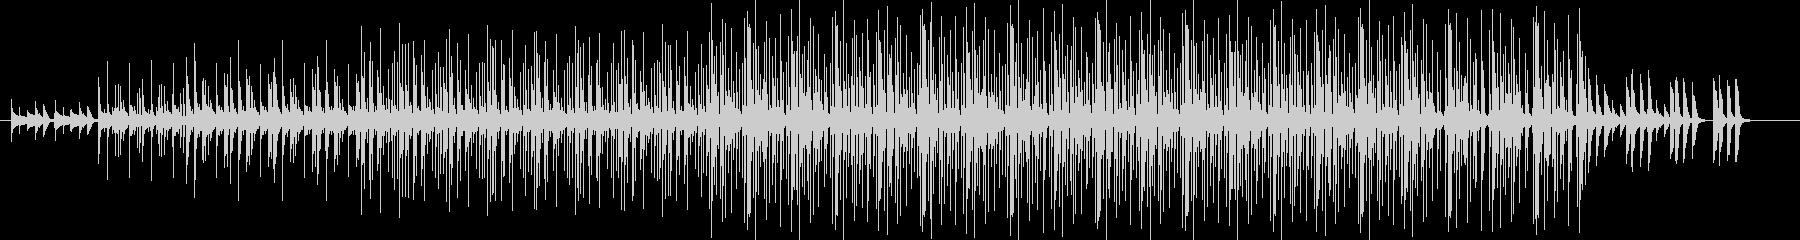 ナチュラルでエレクトロニカなBGMの未再生の波形